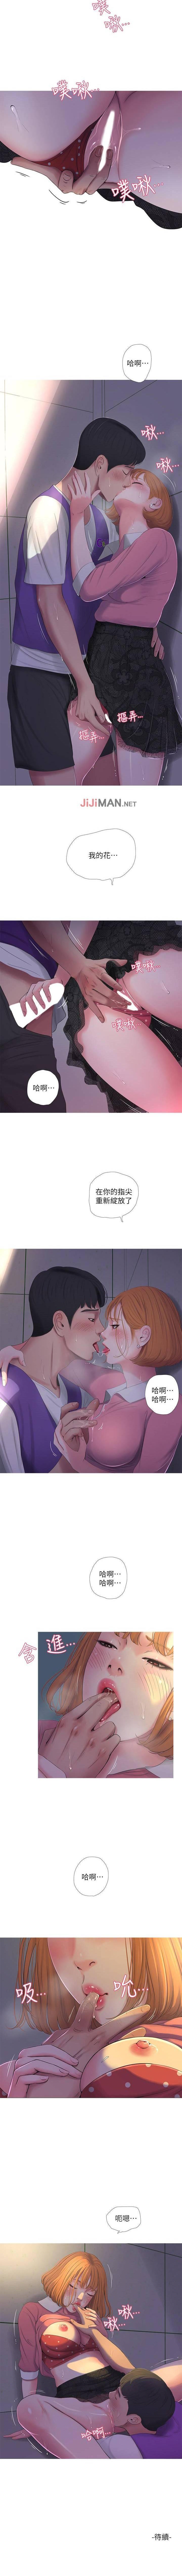 【周四连载】亲家四姐妹(作者:愛摸) 第1~27话 42